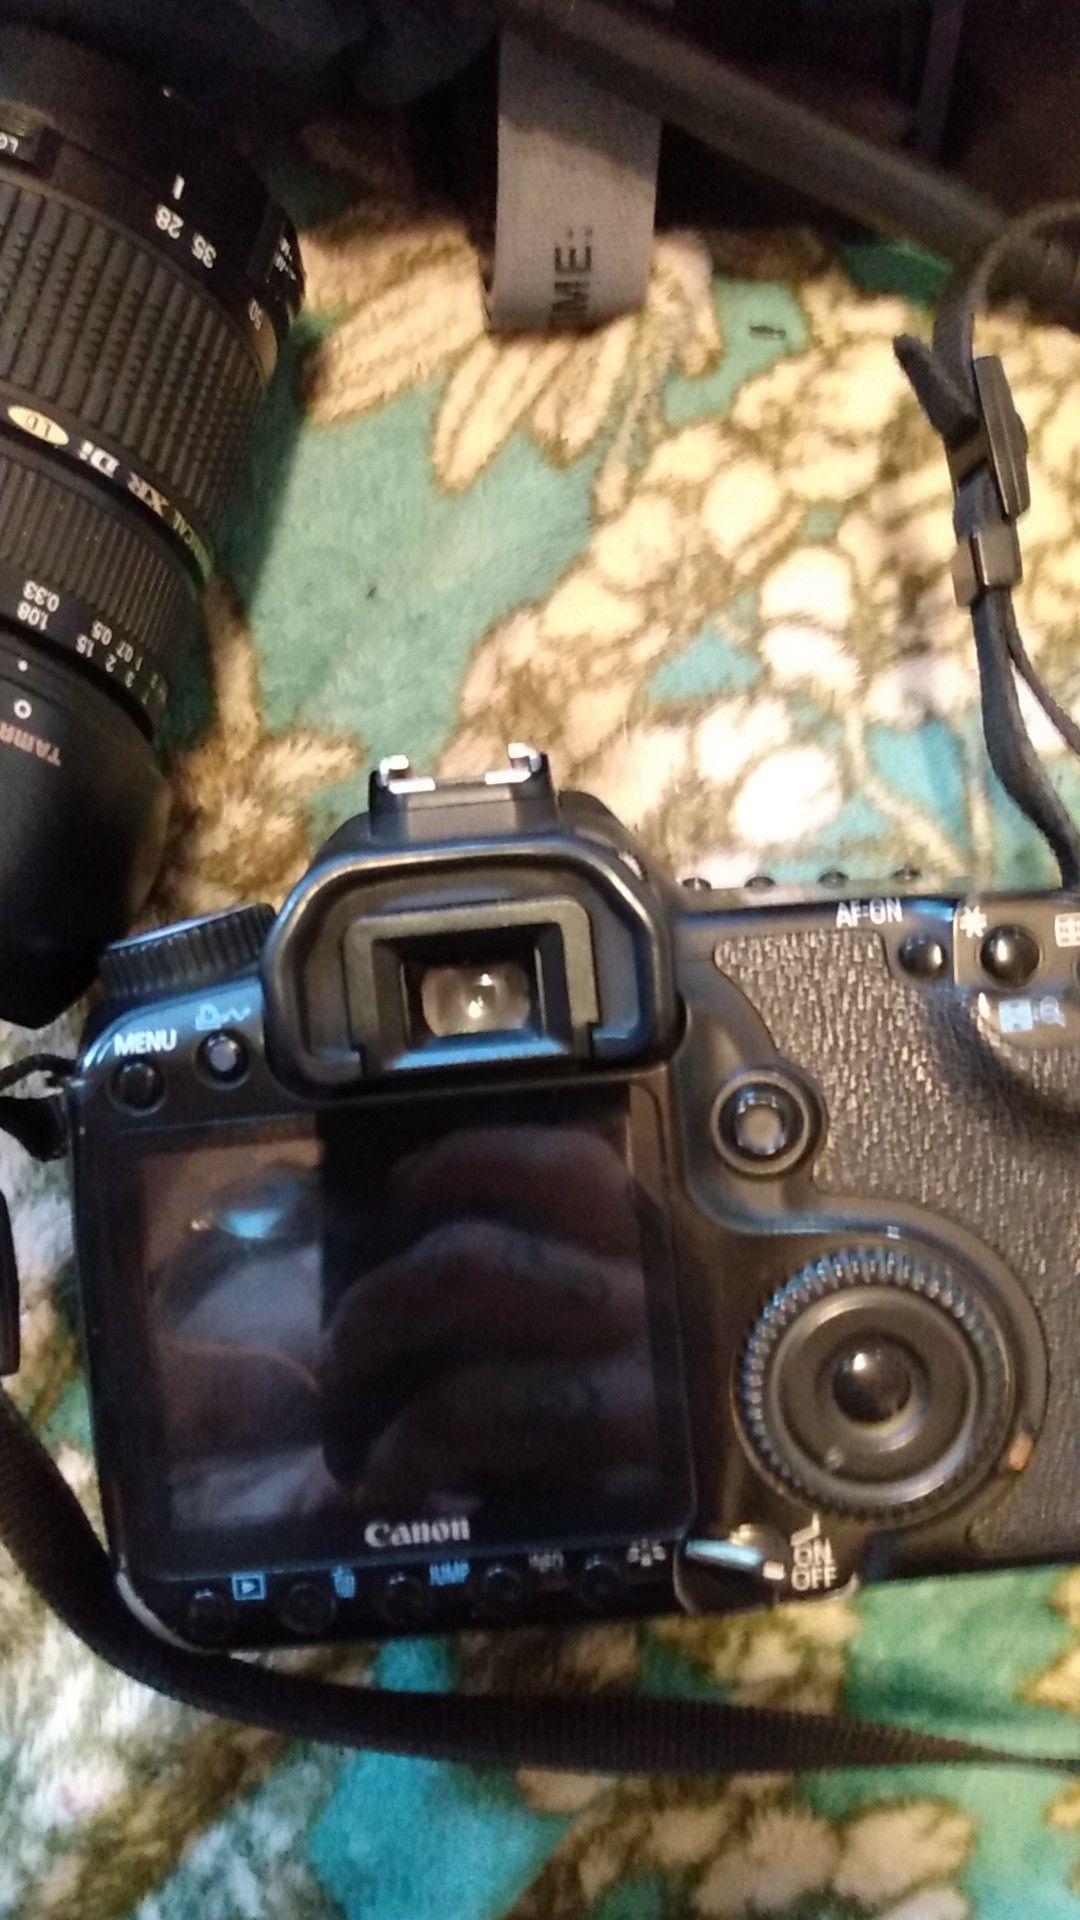 Canon EOS40D with tamaron 75 nm lense